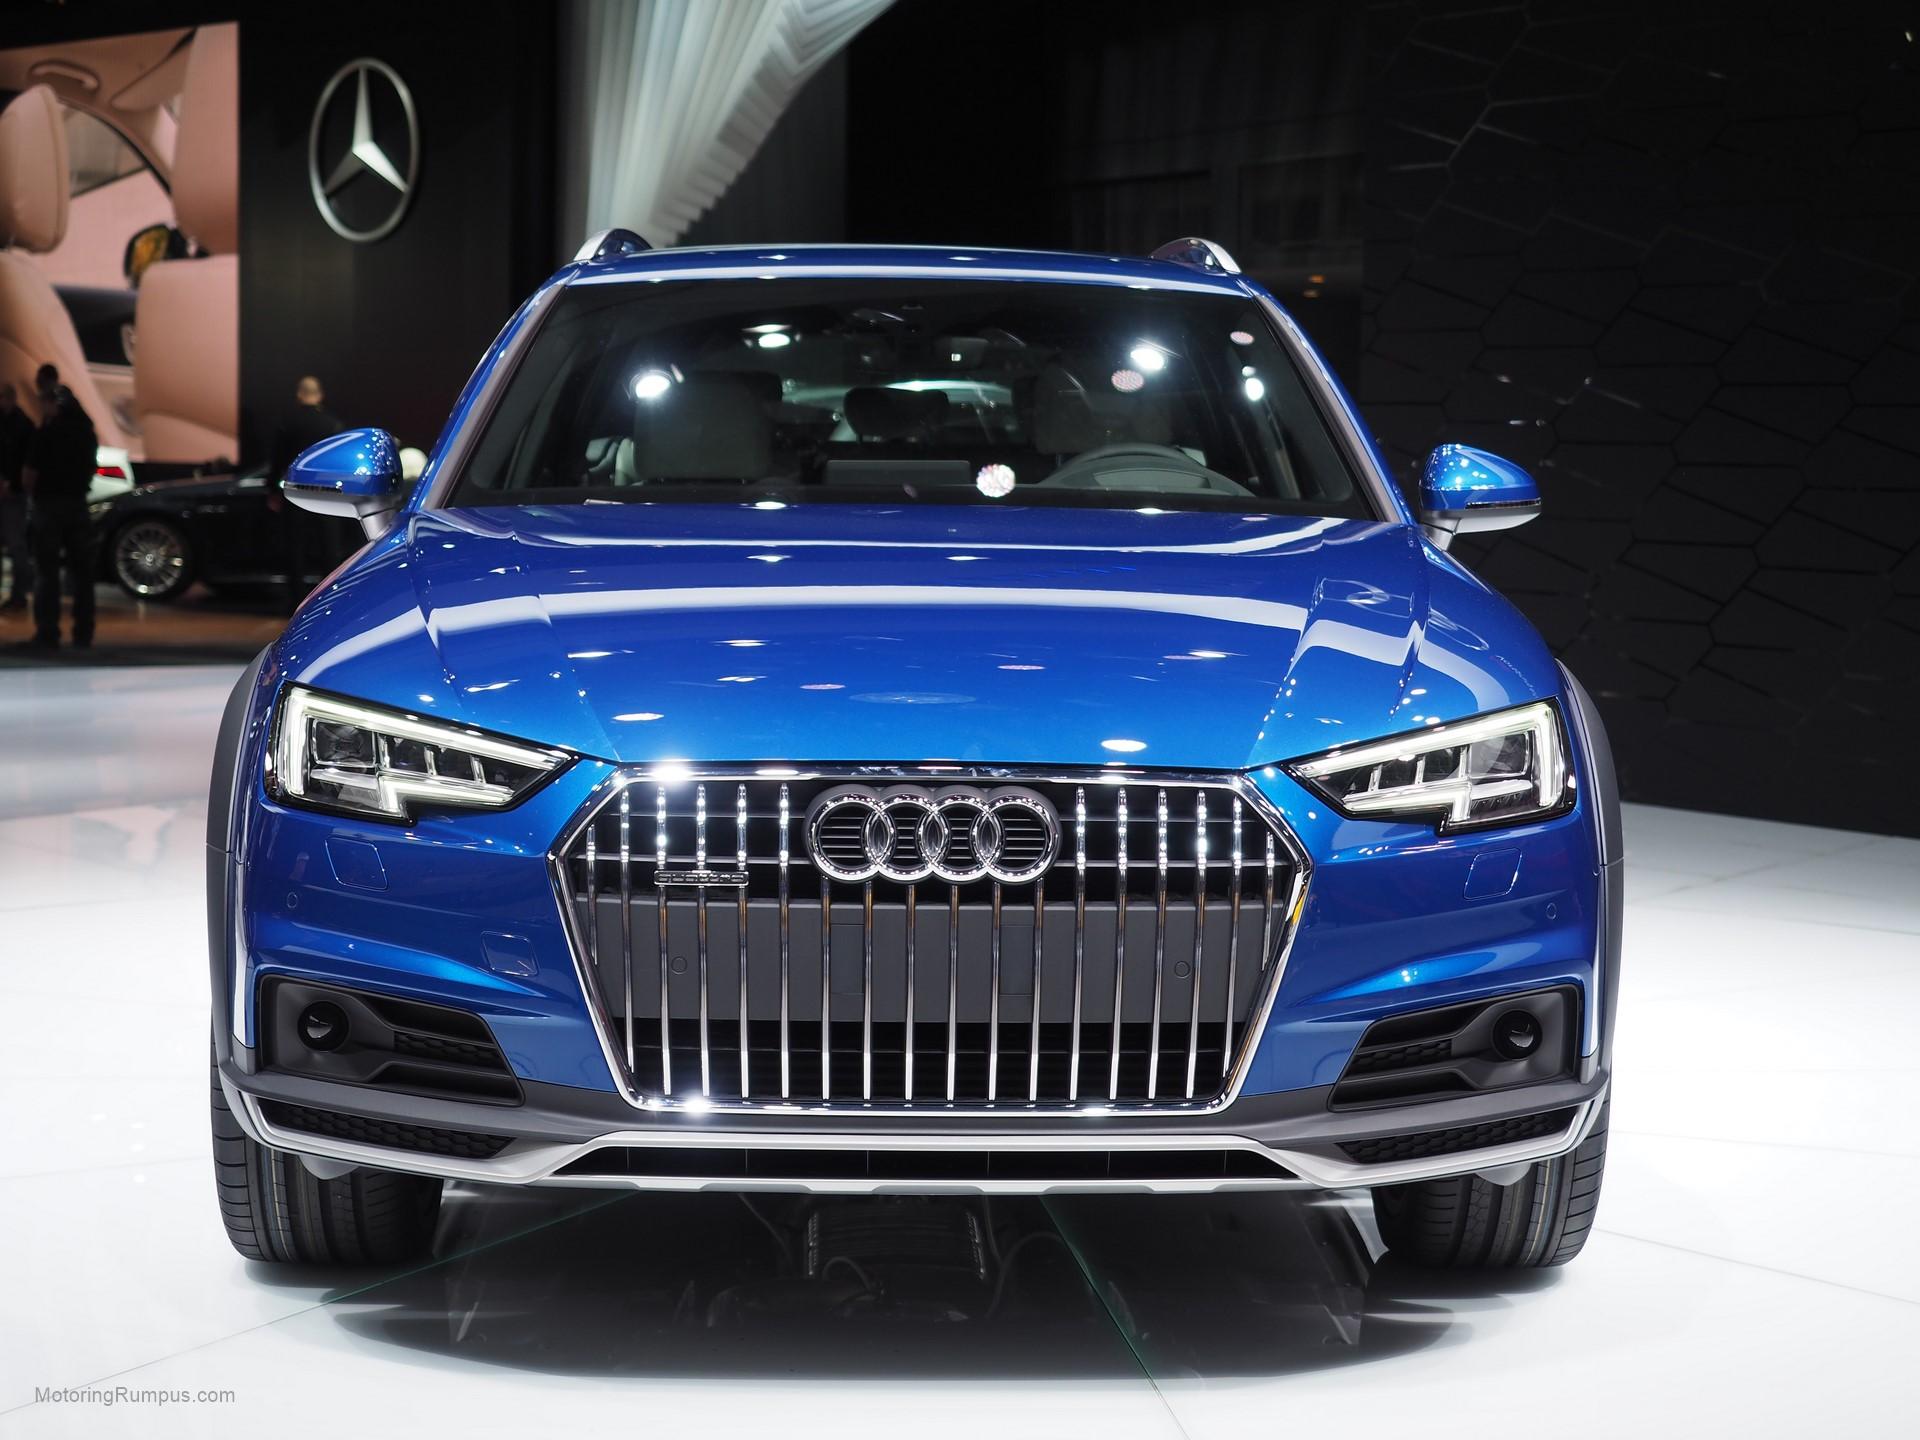 2016 Naias Audi A4 Allroad Front Motoring Rumpus